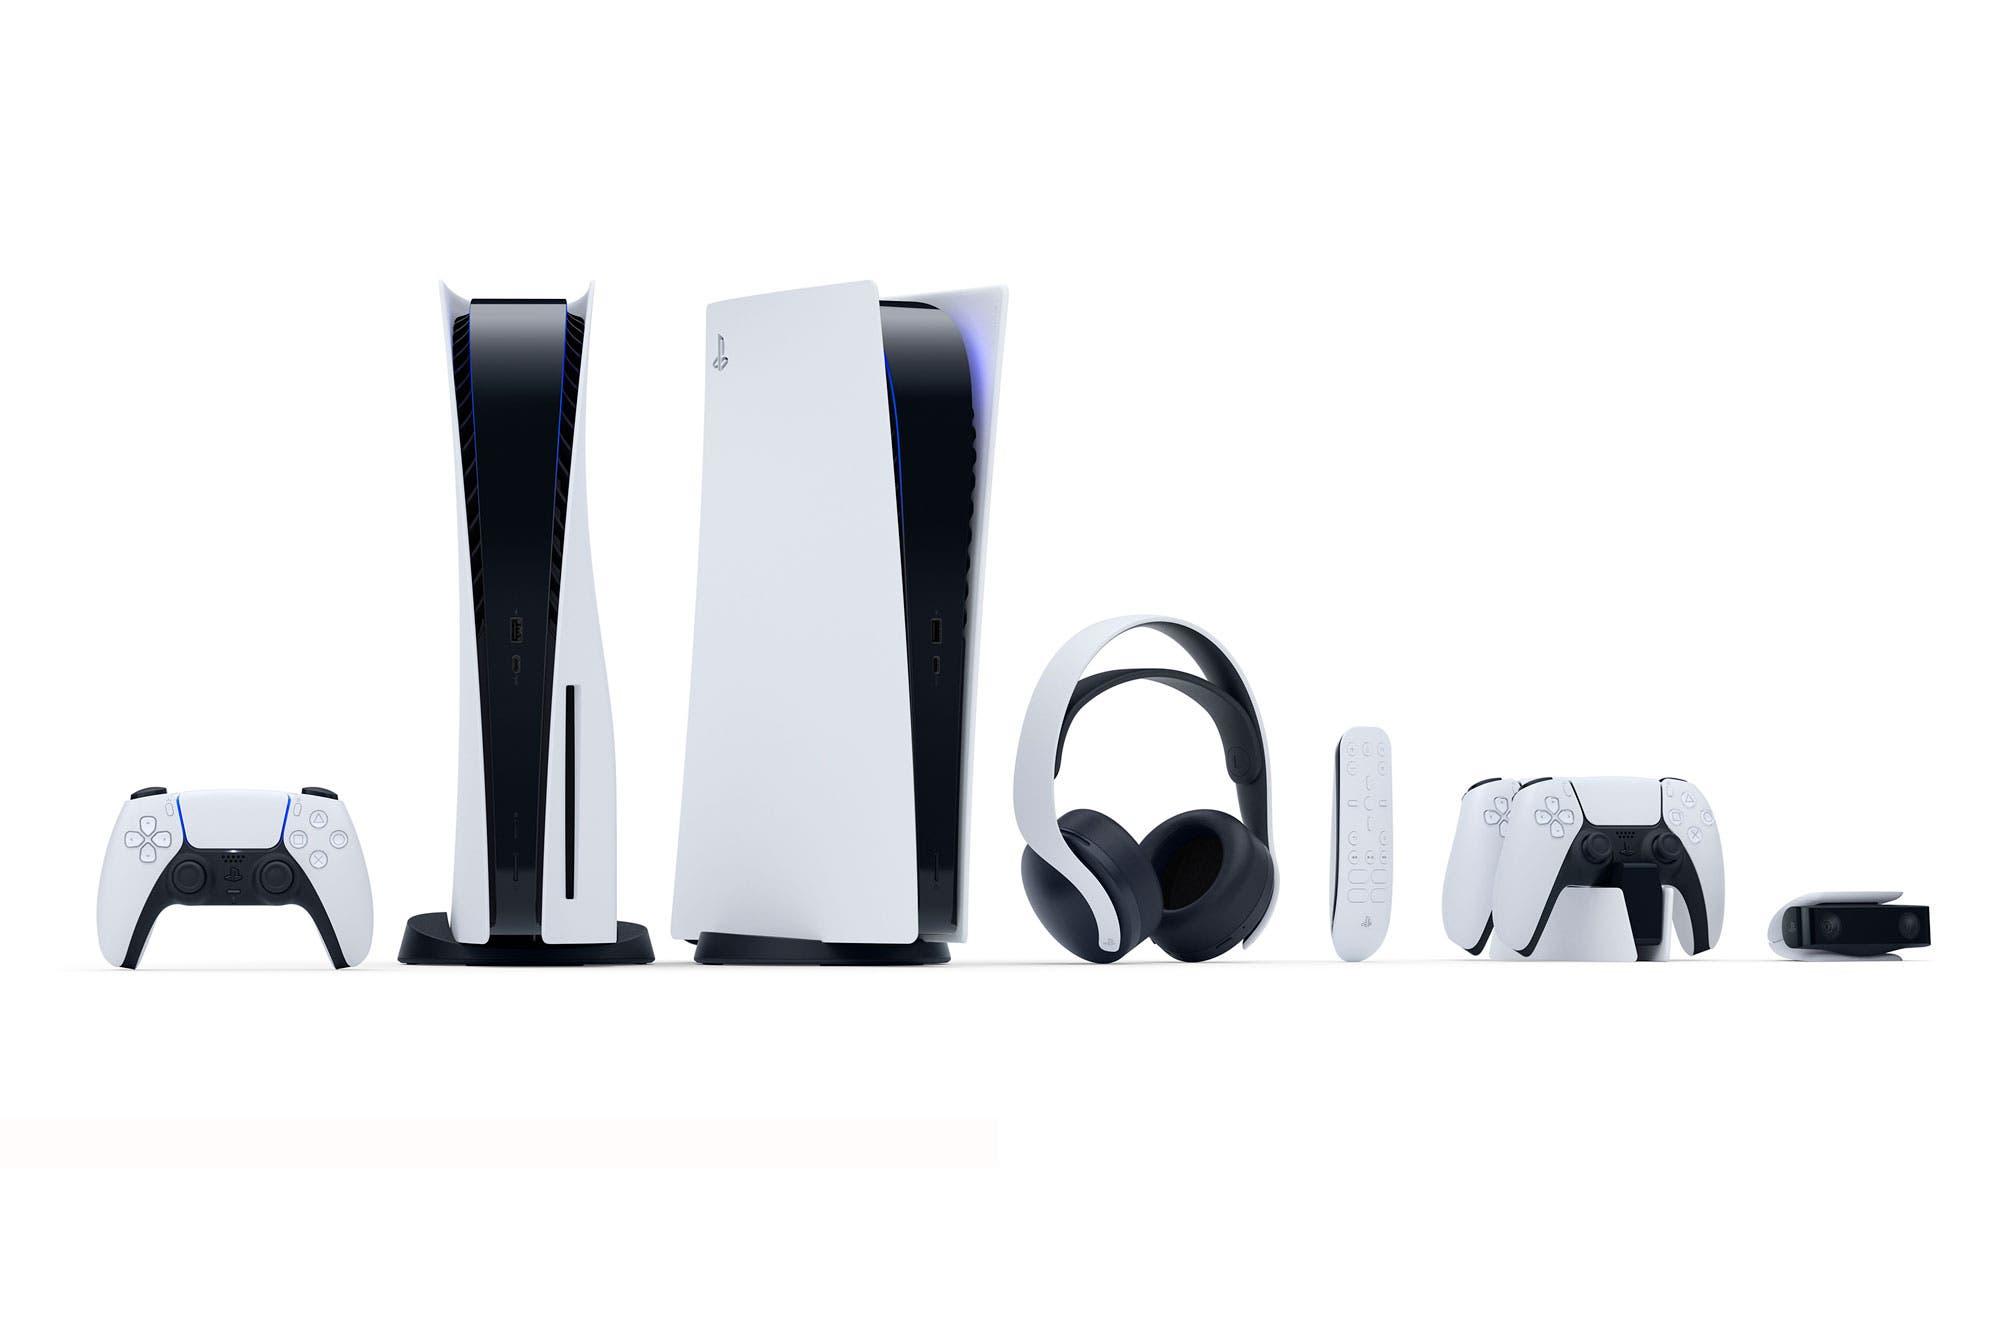 PlayStation 5: mirá cómo es la nueva consola de videojuegos de Sony y todos sus accesorios